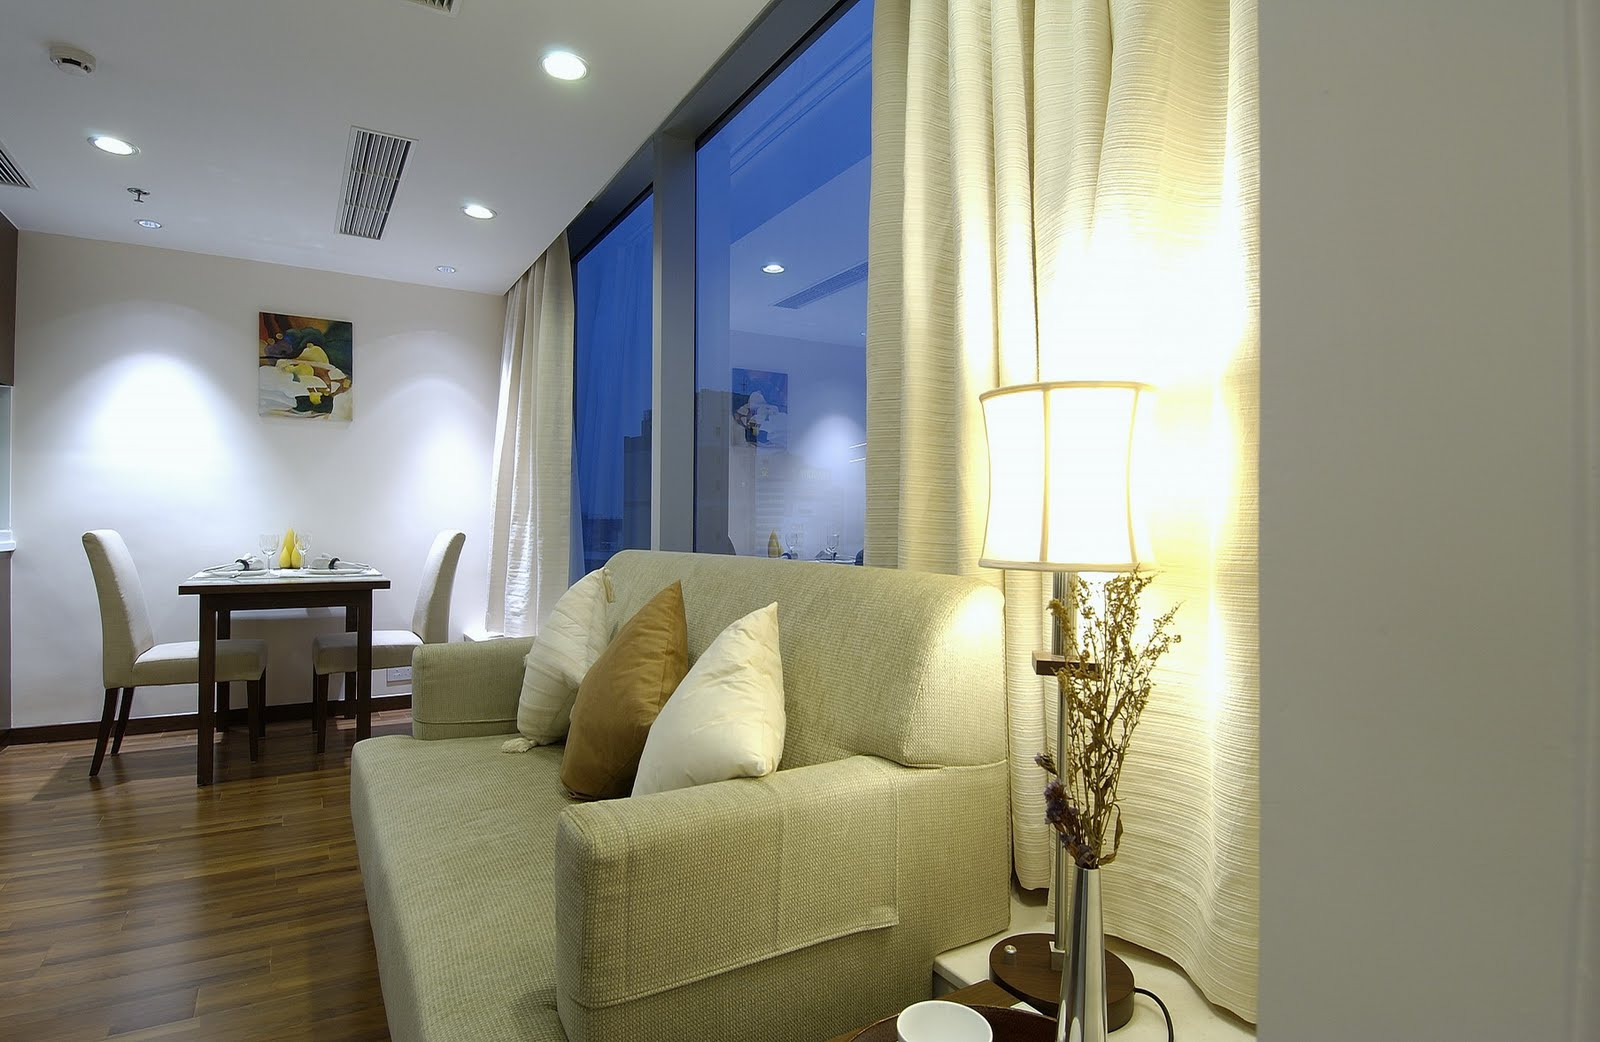 Hong Kong Serviced Apartment: 338 Apartment.338 Queen's Road Central. Sheung Wan. Hong Kong